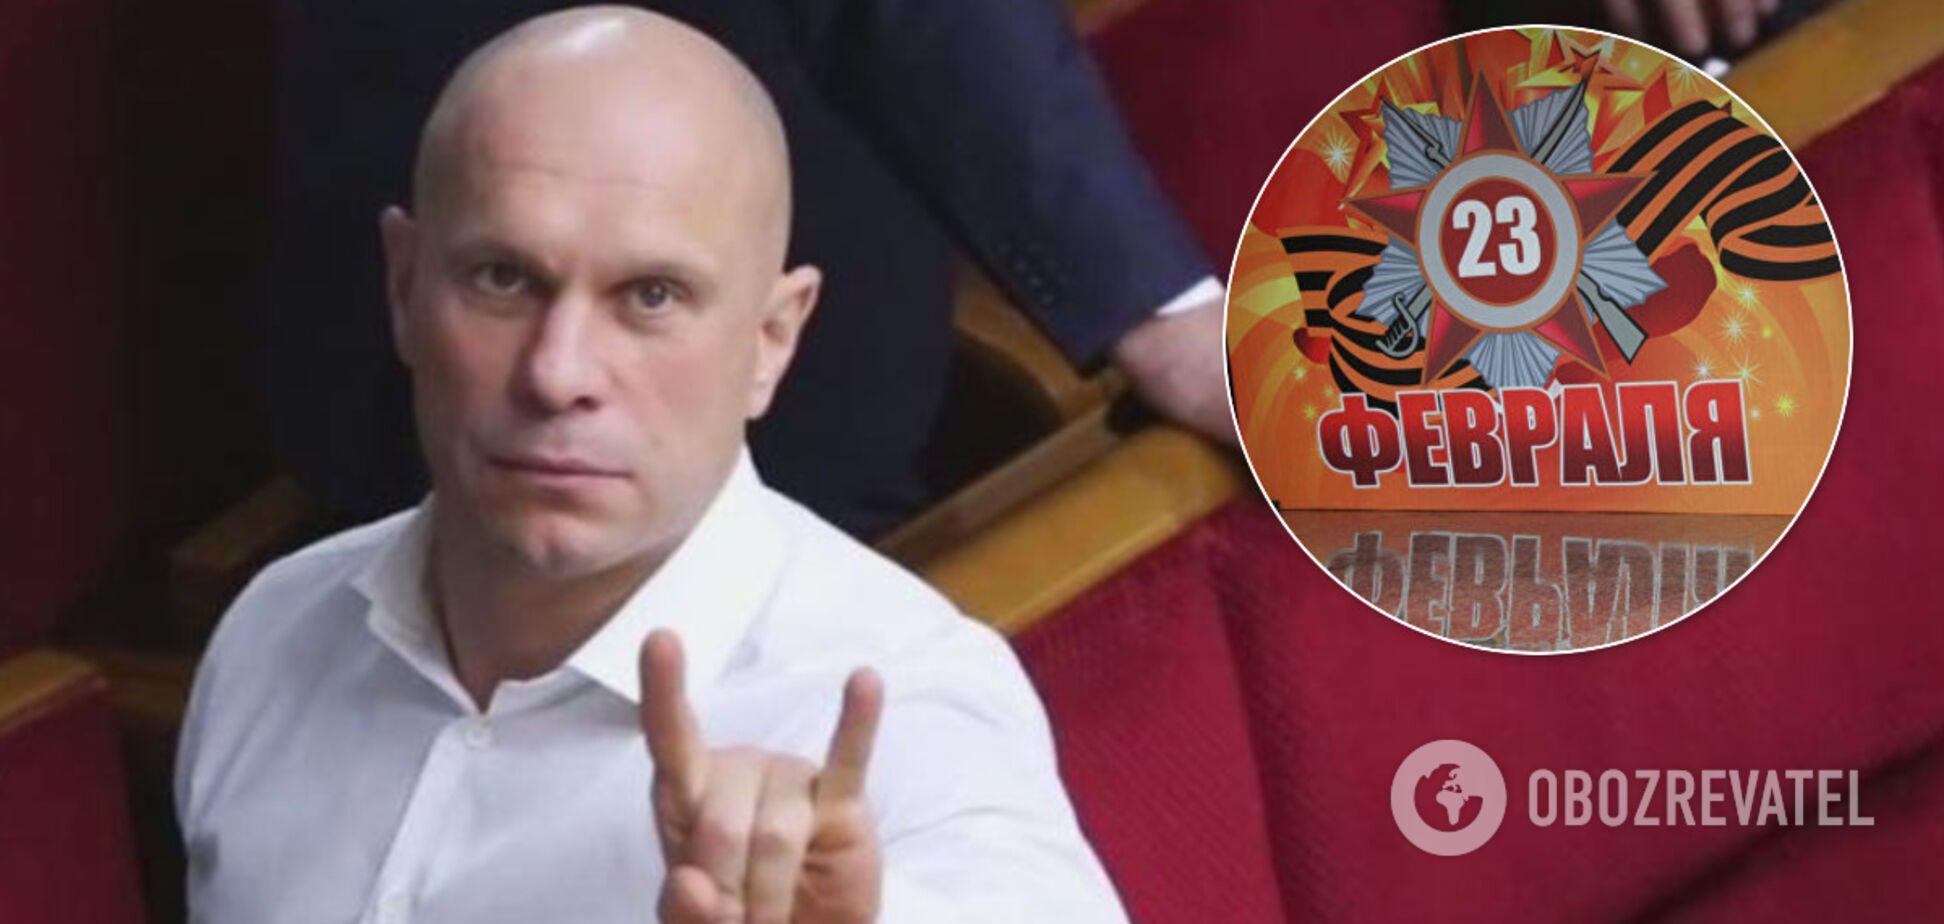 'Пошли они на х*й!' Кива вступился за 23 февраля в Украине